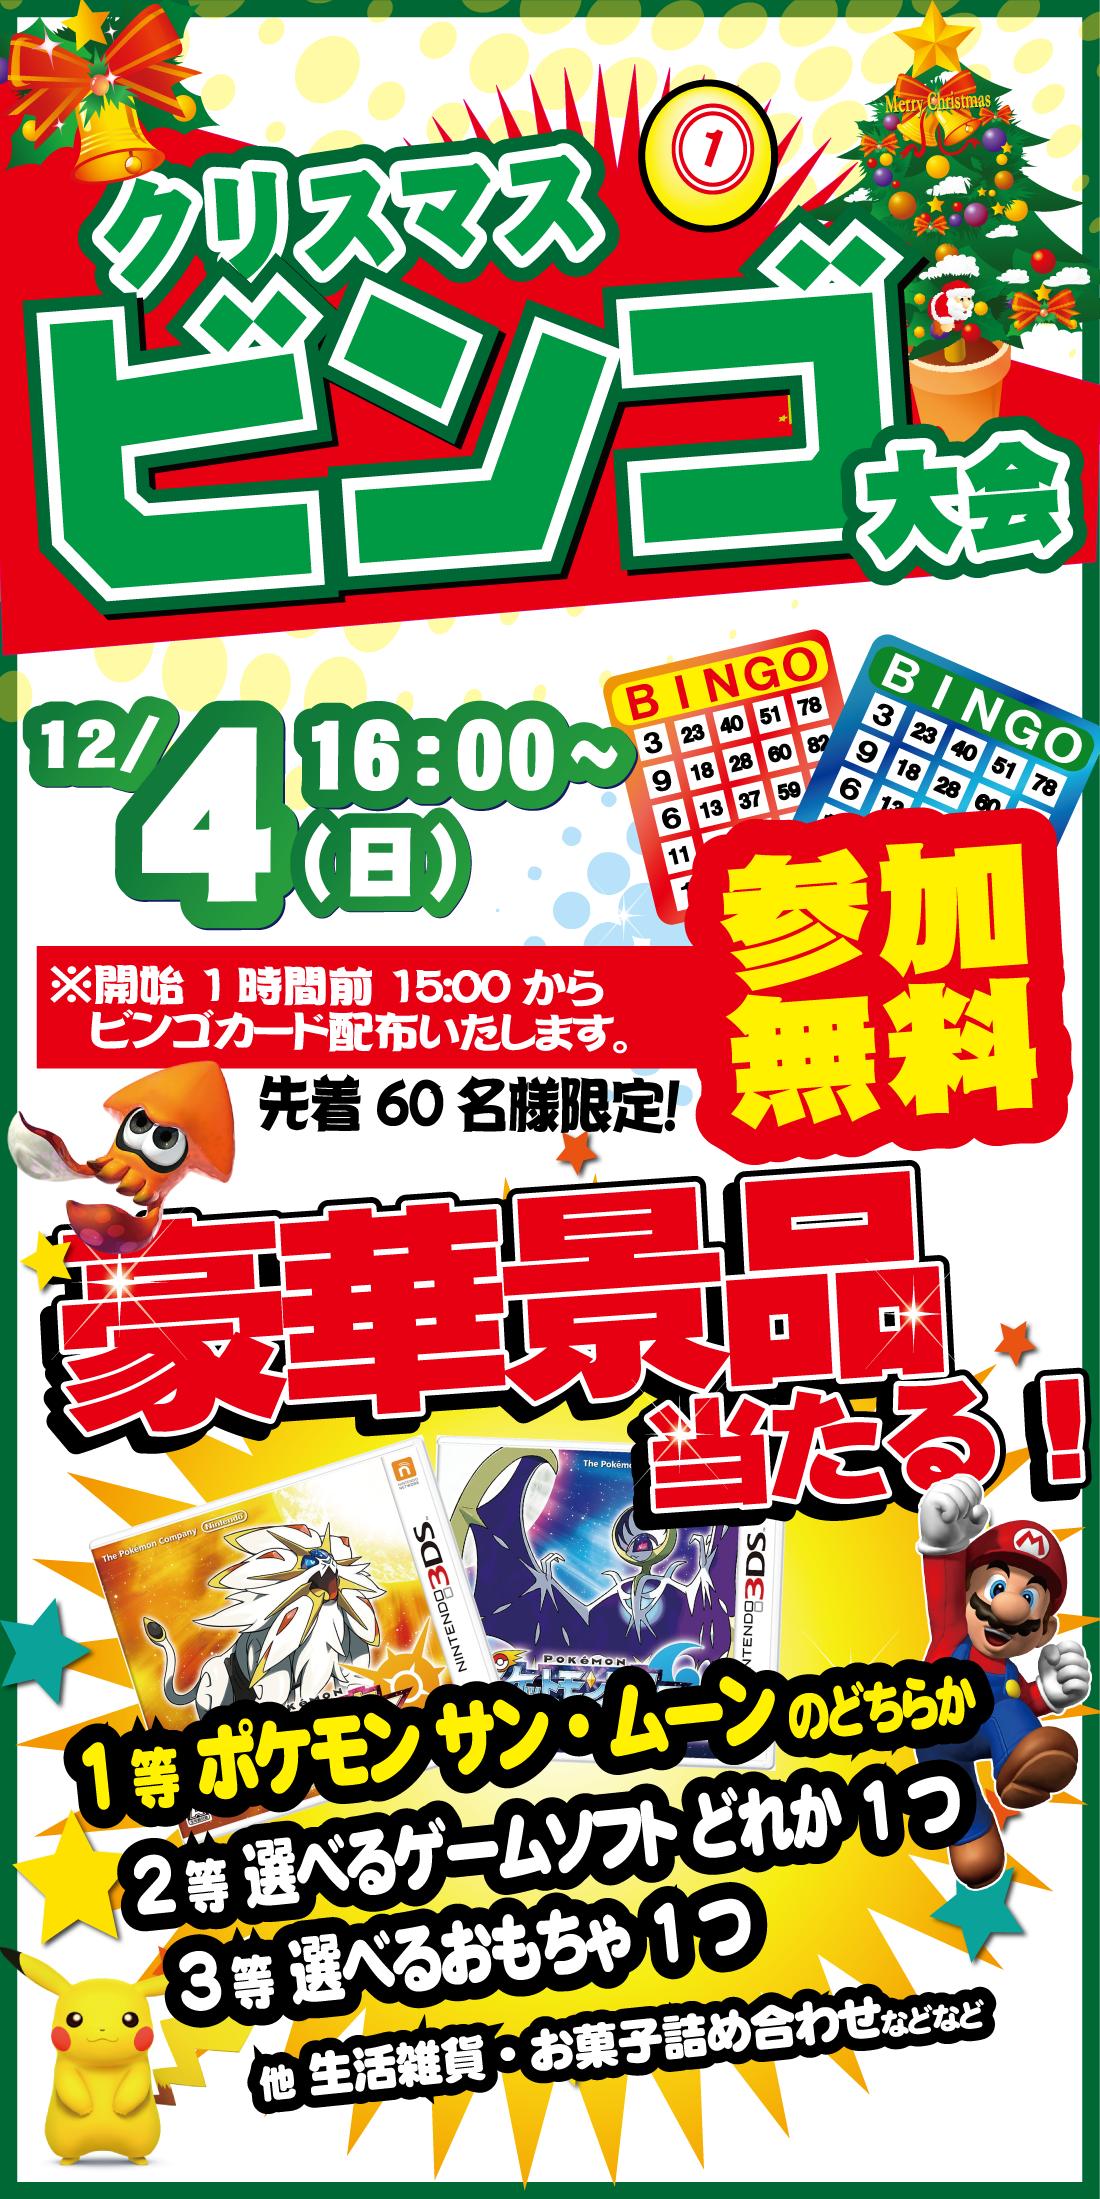 「開放倉庫米子店」12/4日曜日は!クリスマスビンゴ大会/参加無料!先着60名様限定!